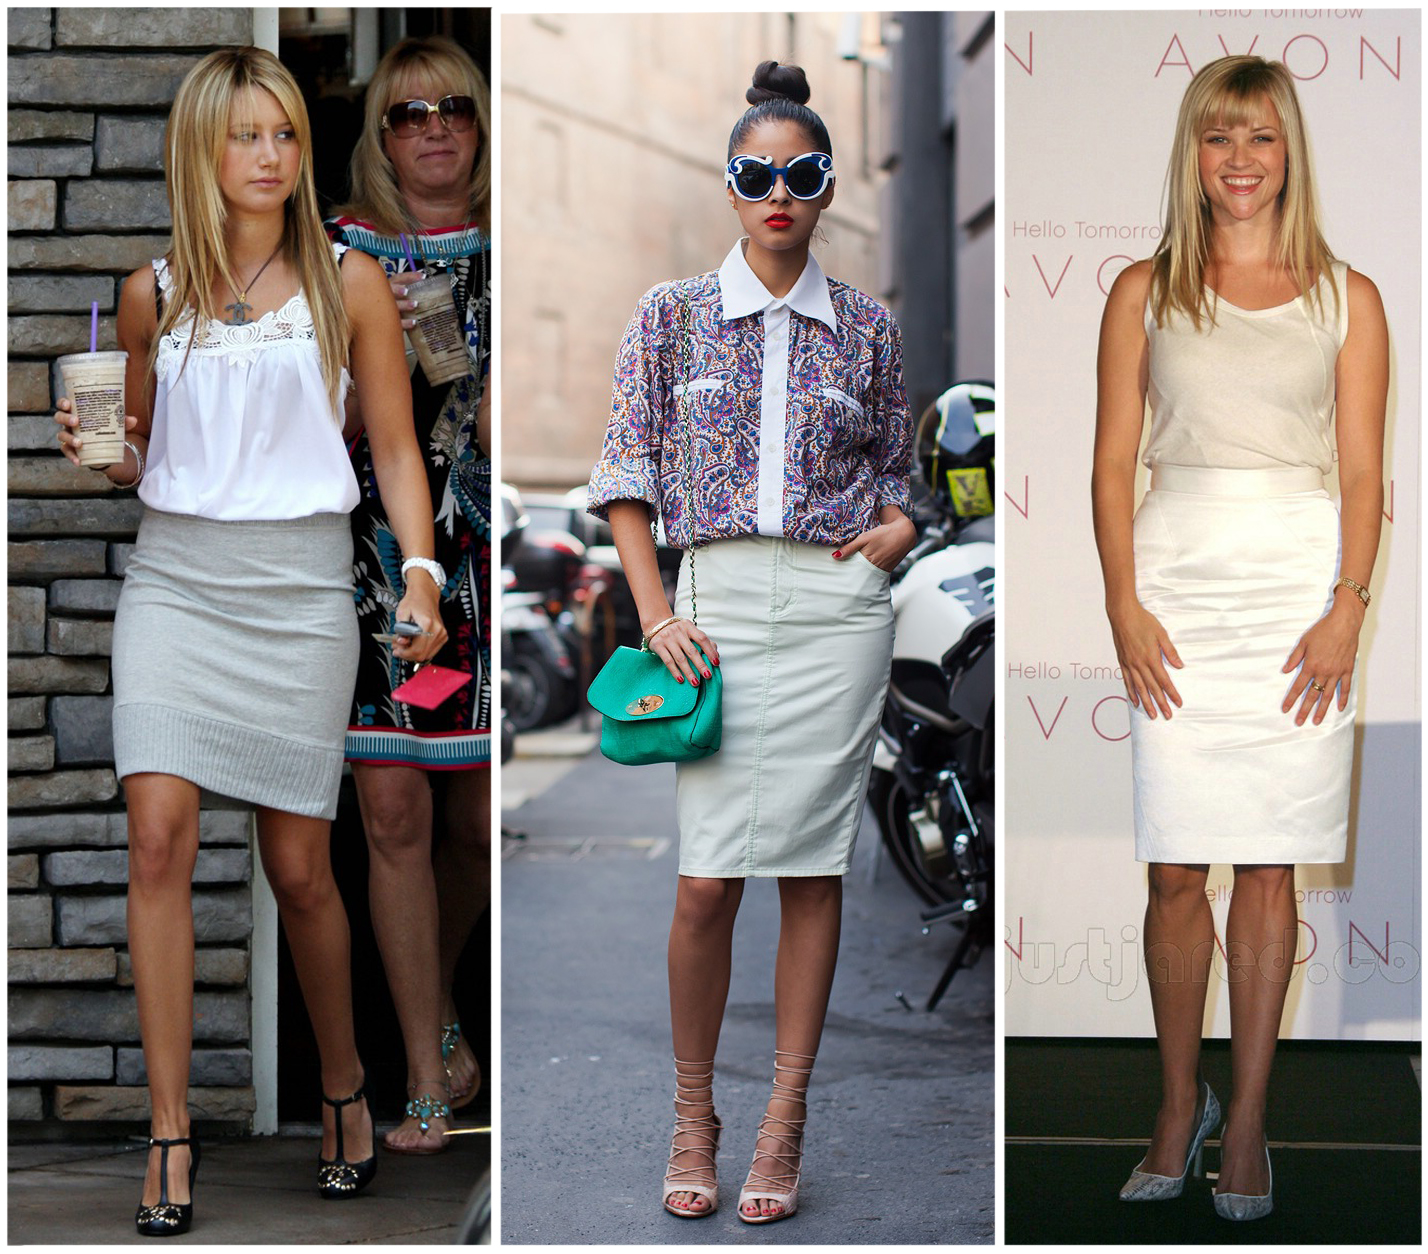 Как одеваться правильно девушкам невысокого роста фото